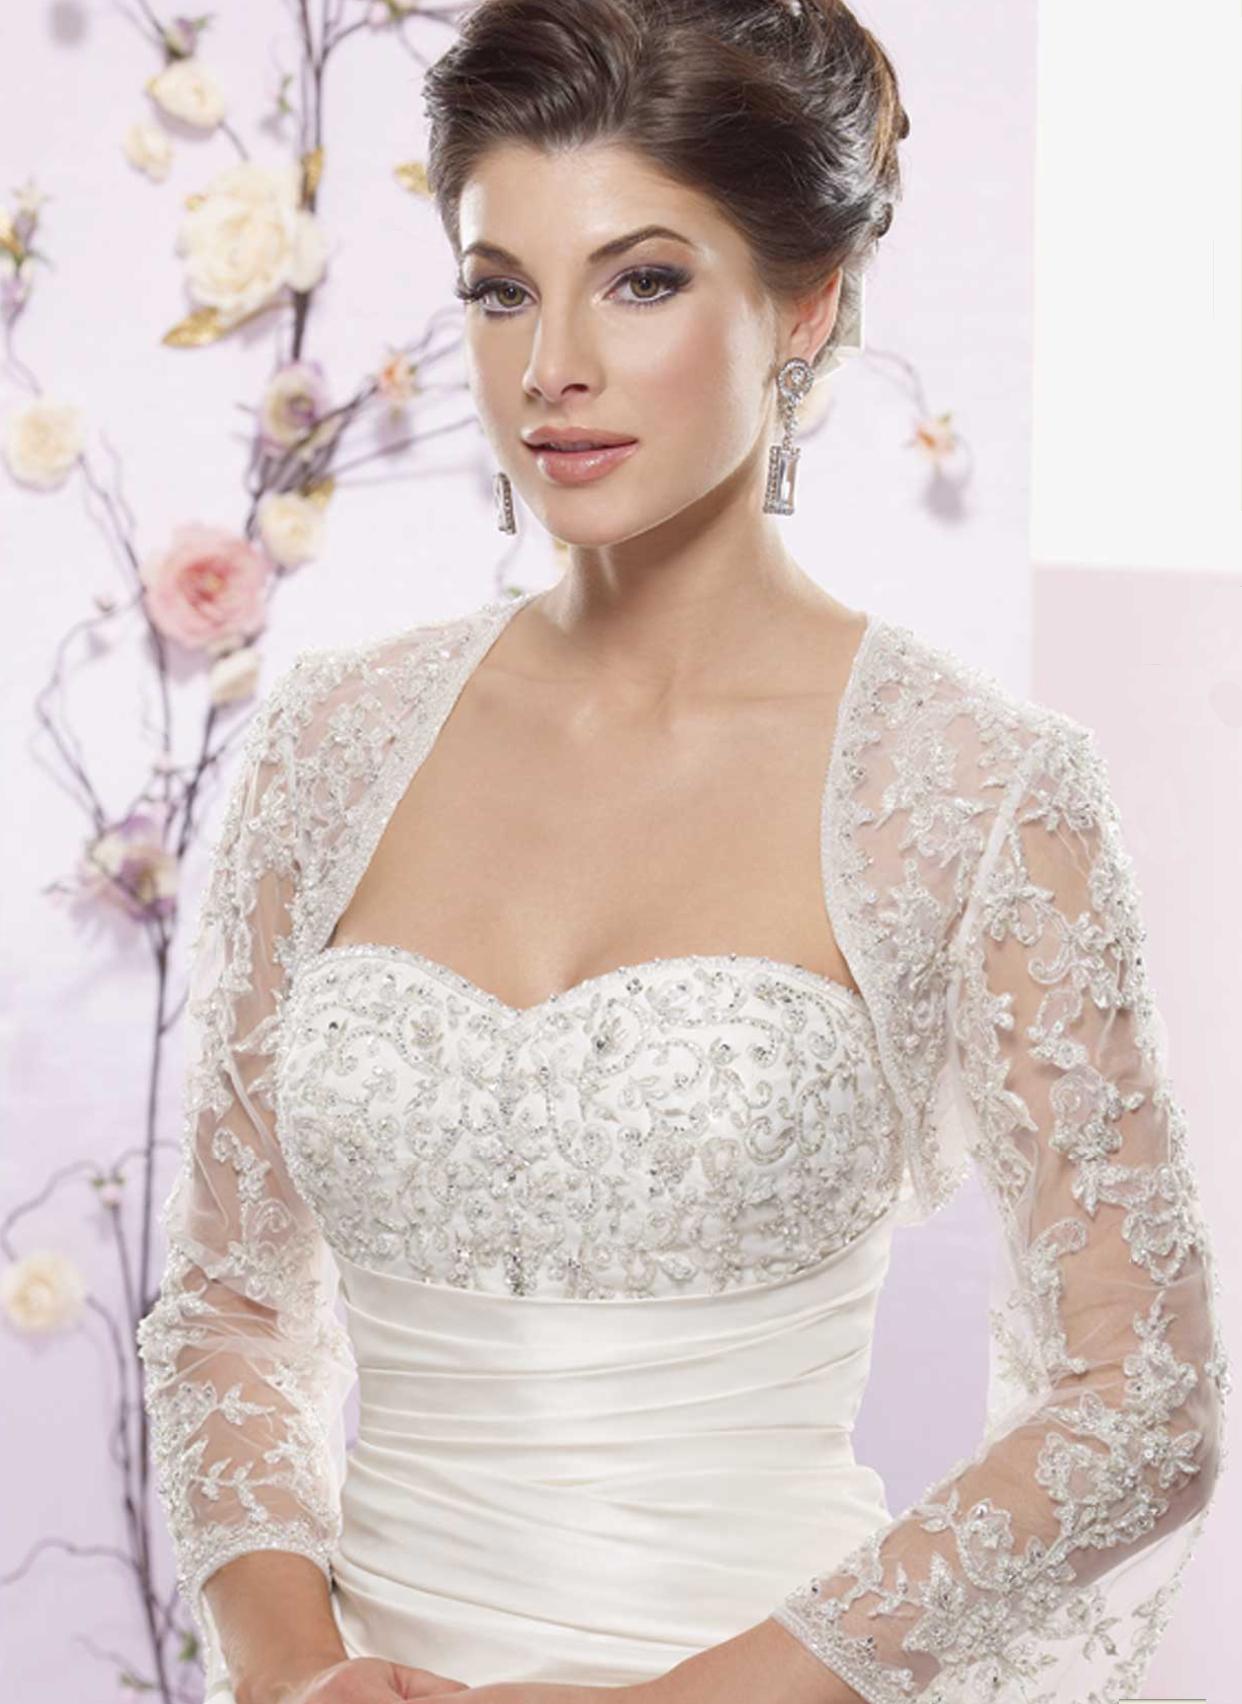 Прозрачные свадебные наряды 2013 волнуют, шокируют, покоряют и заставляют сердца всех окружающих биться сильнее и чаще. Красивые невесты в потрясающих